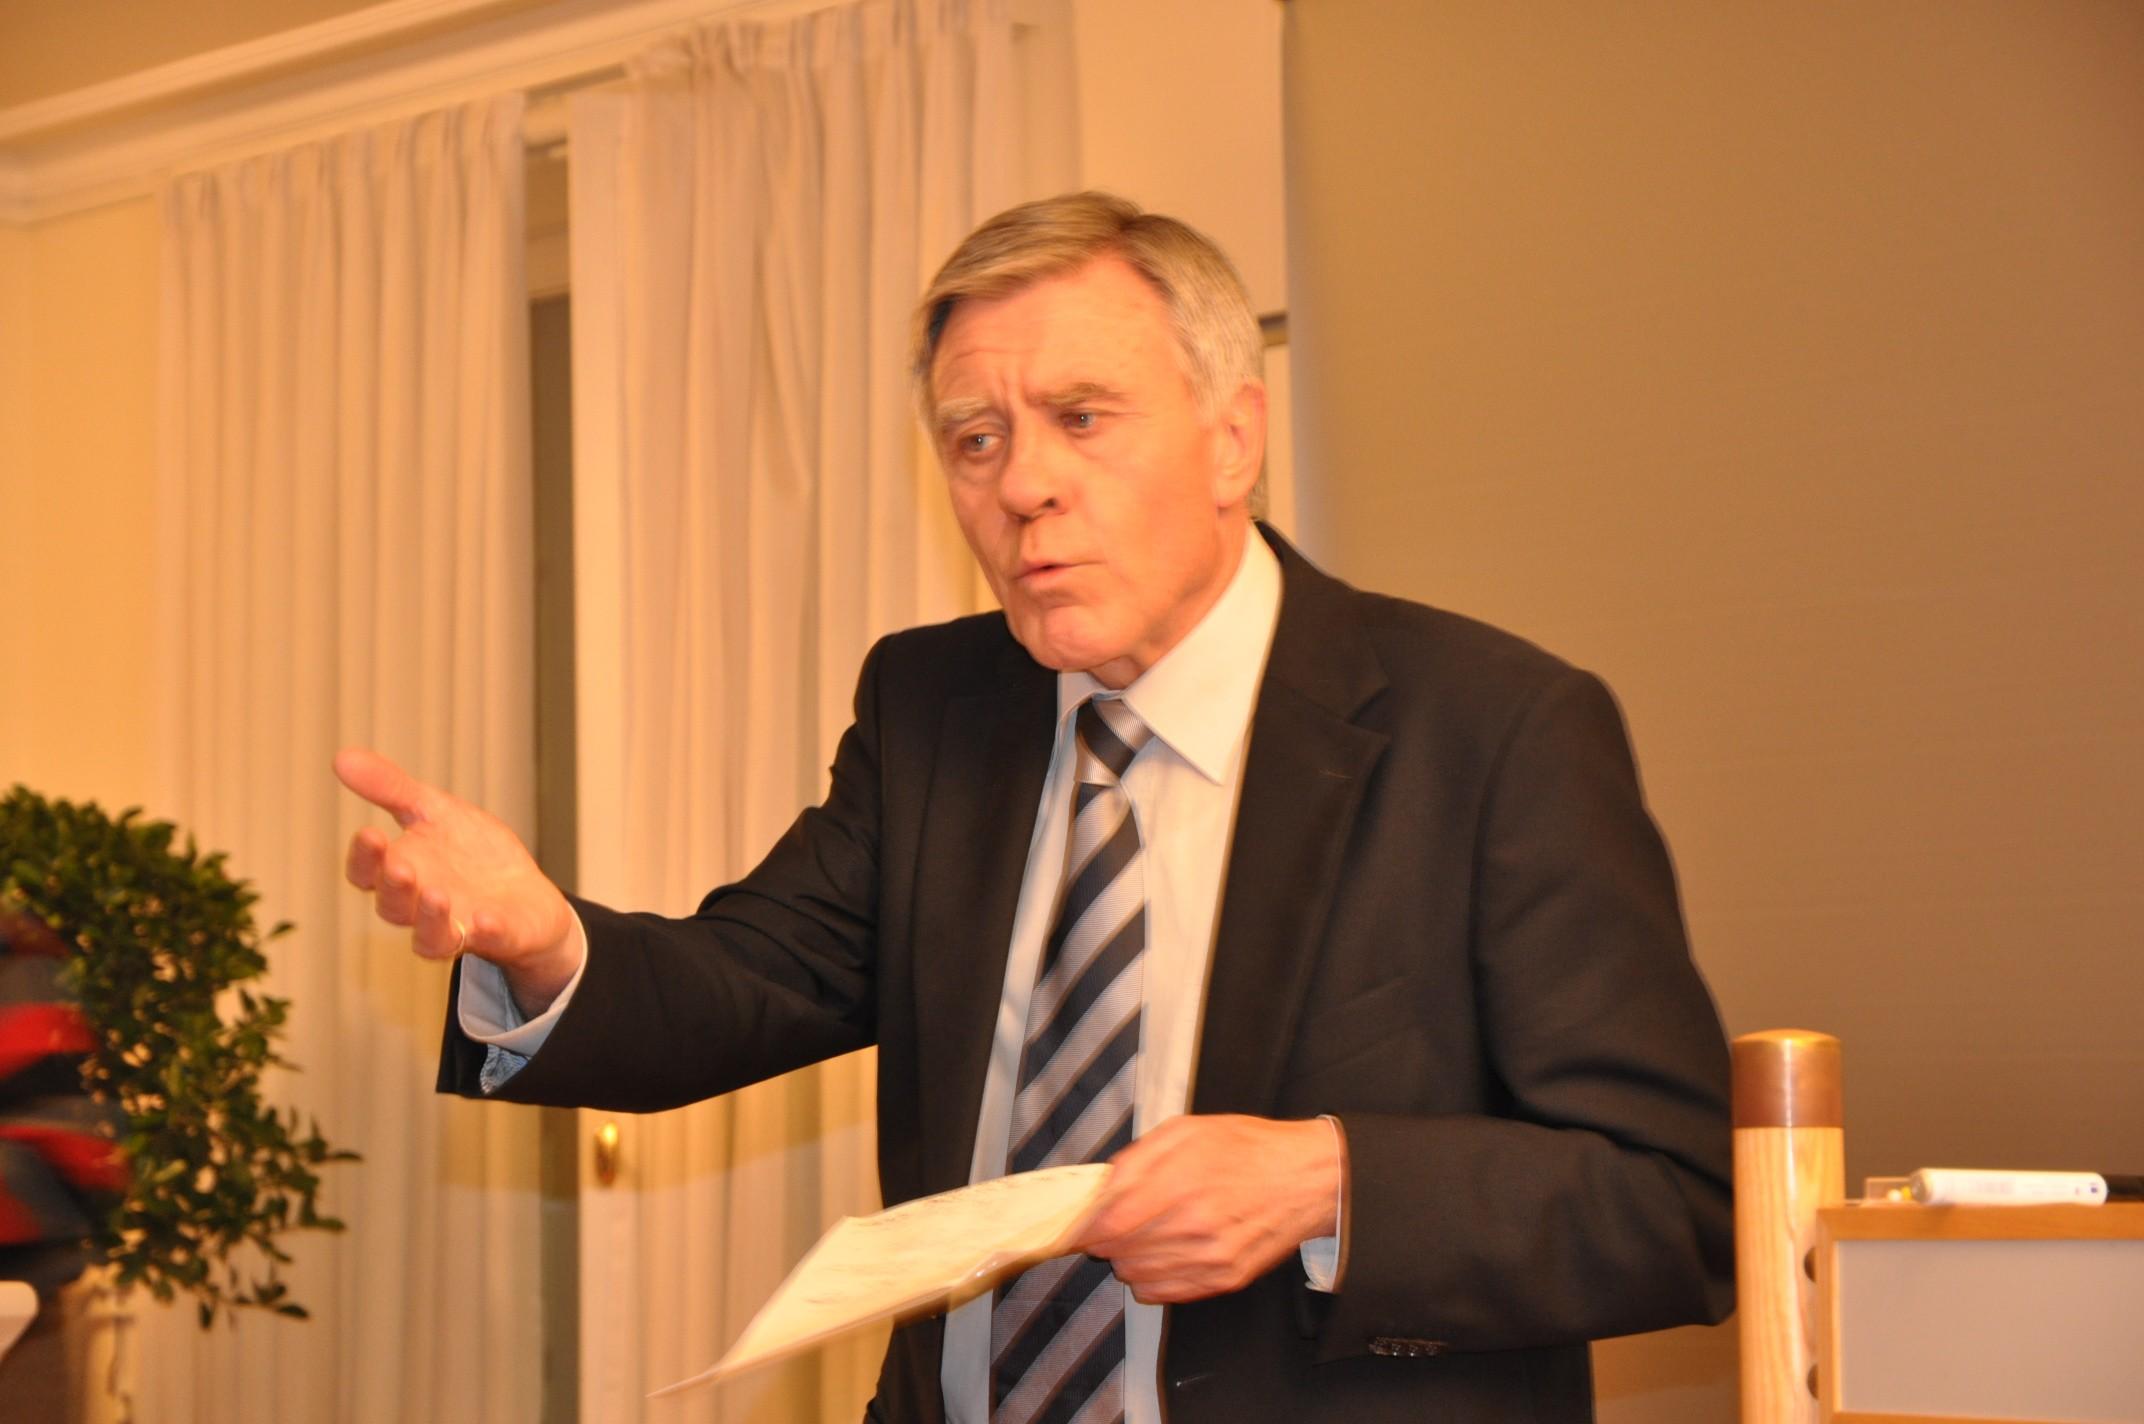 Oberbürgermeister Eberhard Niethammer bei der Auftaktveranstaltung zur Entente Florale im Januar 2011.